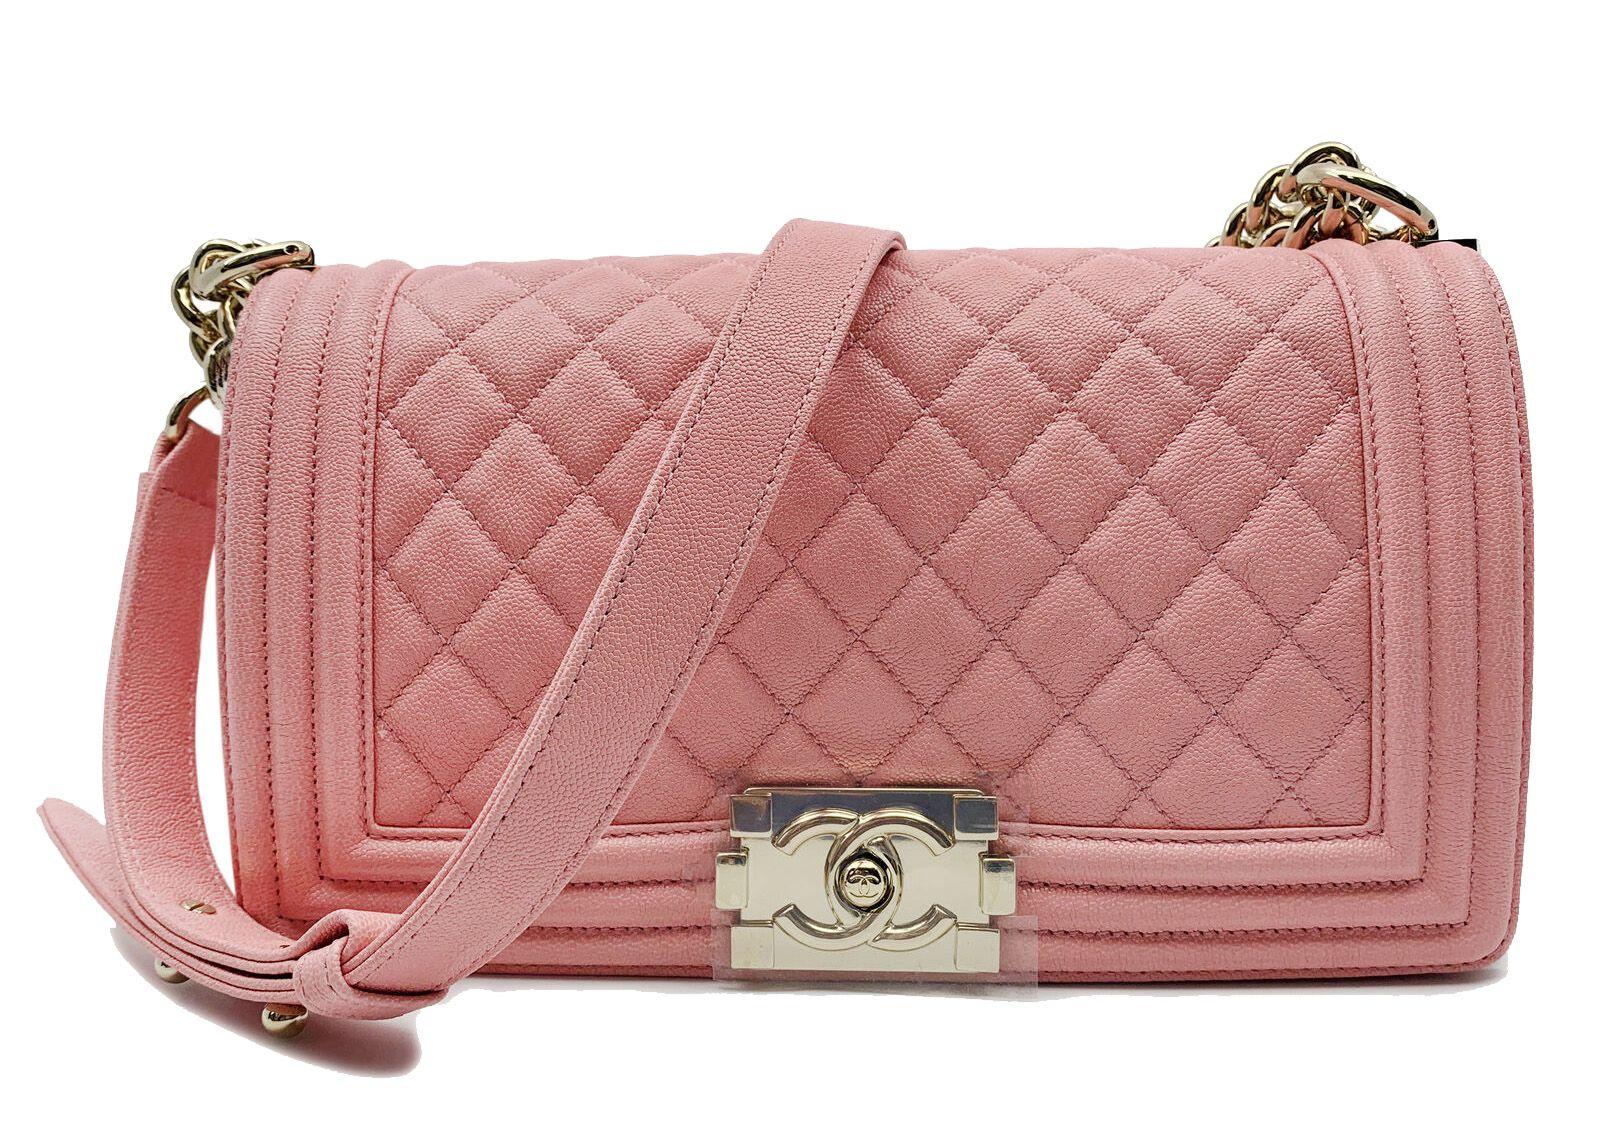 Chanel Boy Quilted Caviar Gold Tone Medium Pink Chanel Bags Chanel Boy Quilted Chanel Handbag Boy Chanel Boy Bag